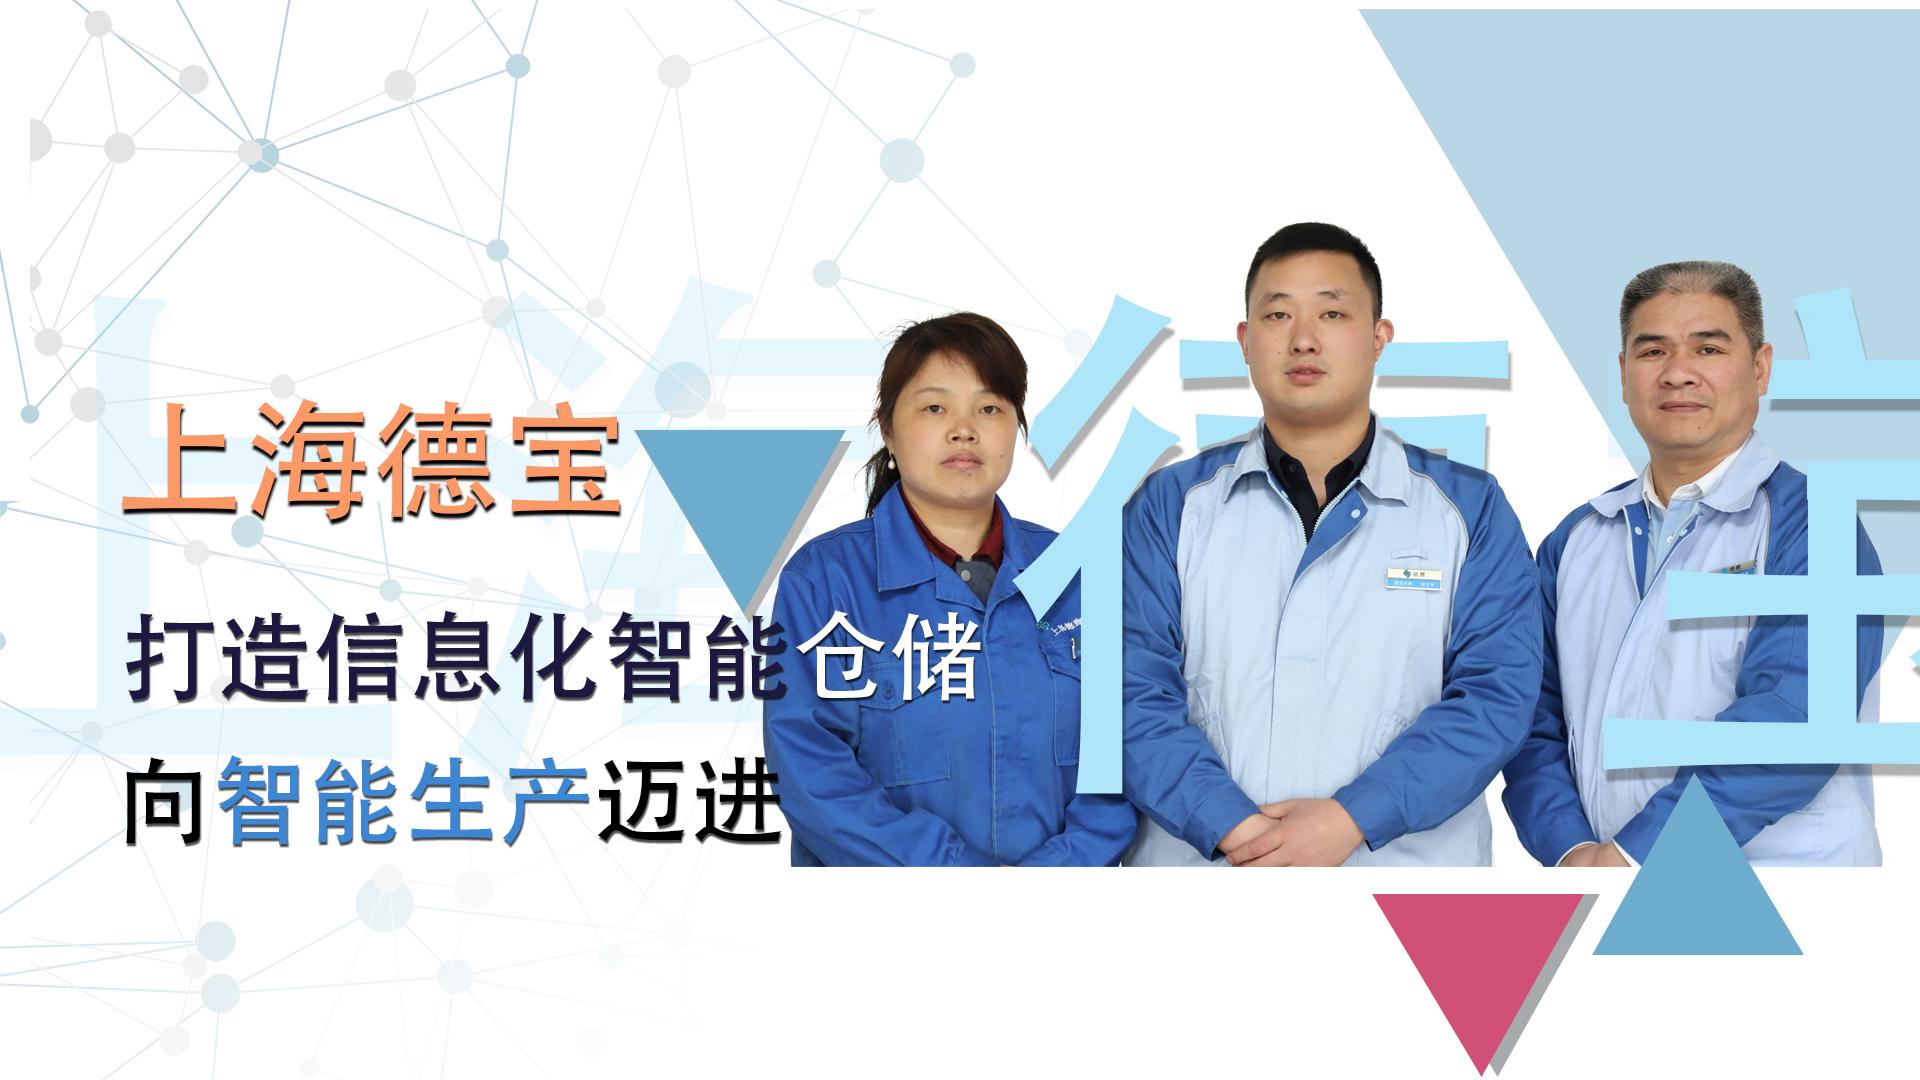 上海德寶依靠信息化智能倉儲,向智能生產制造邁進